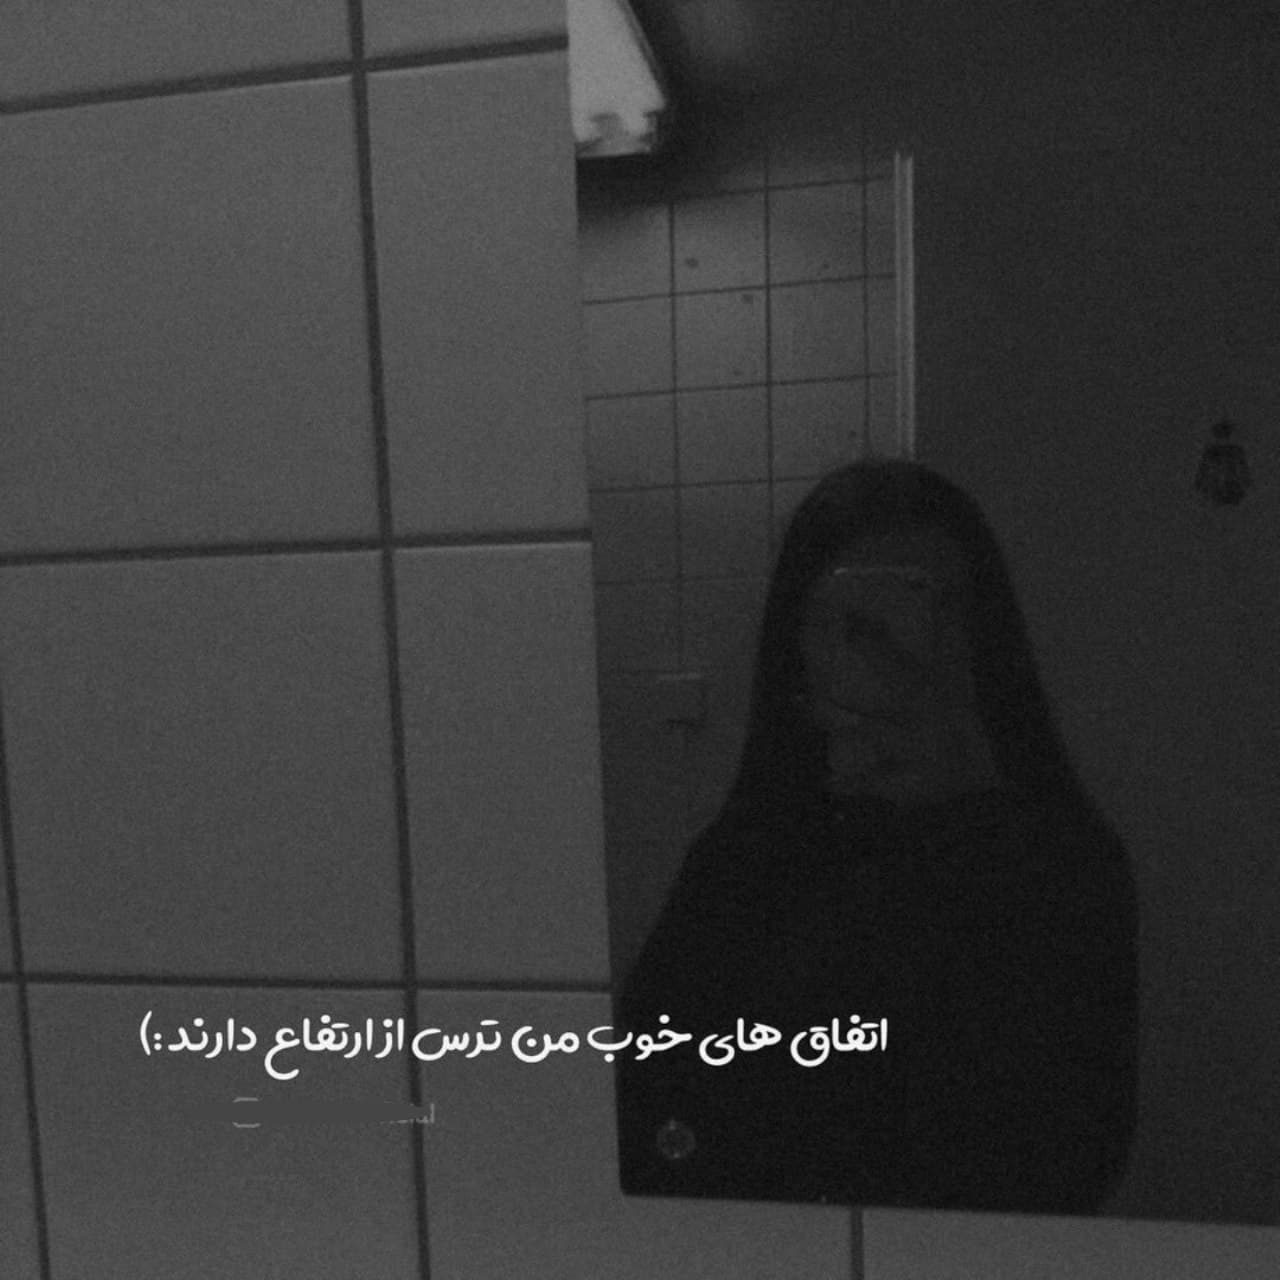 دلنوشته دخترانه غمگین